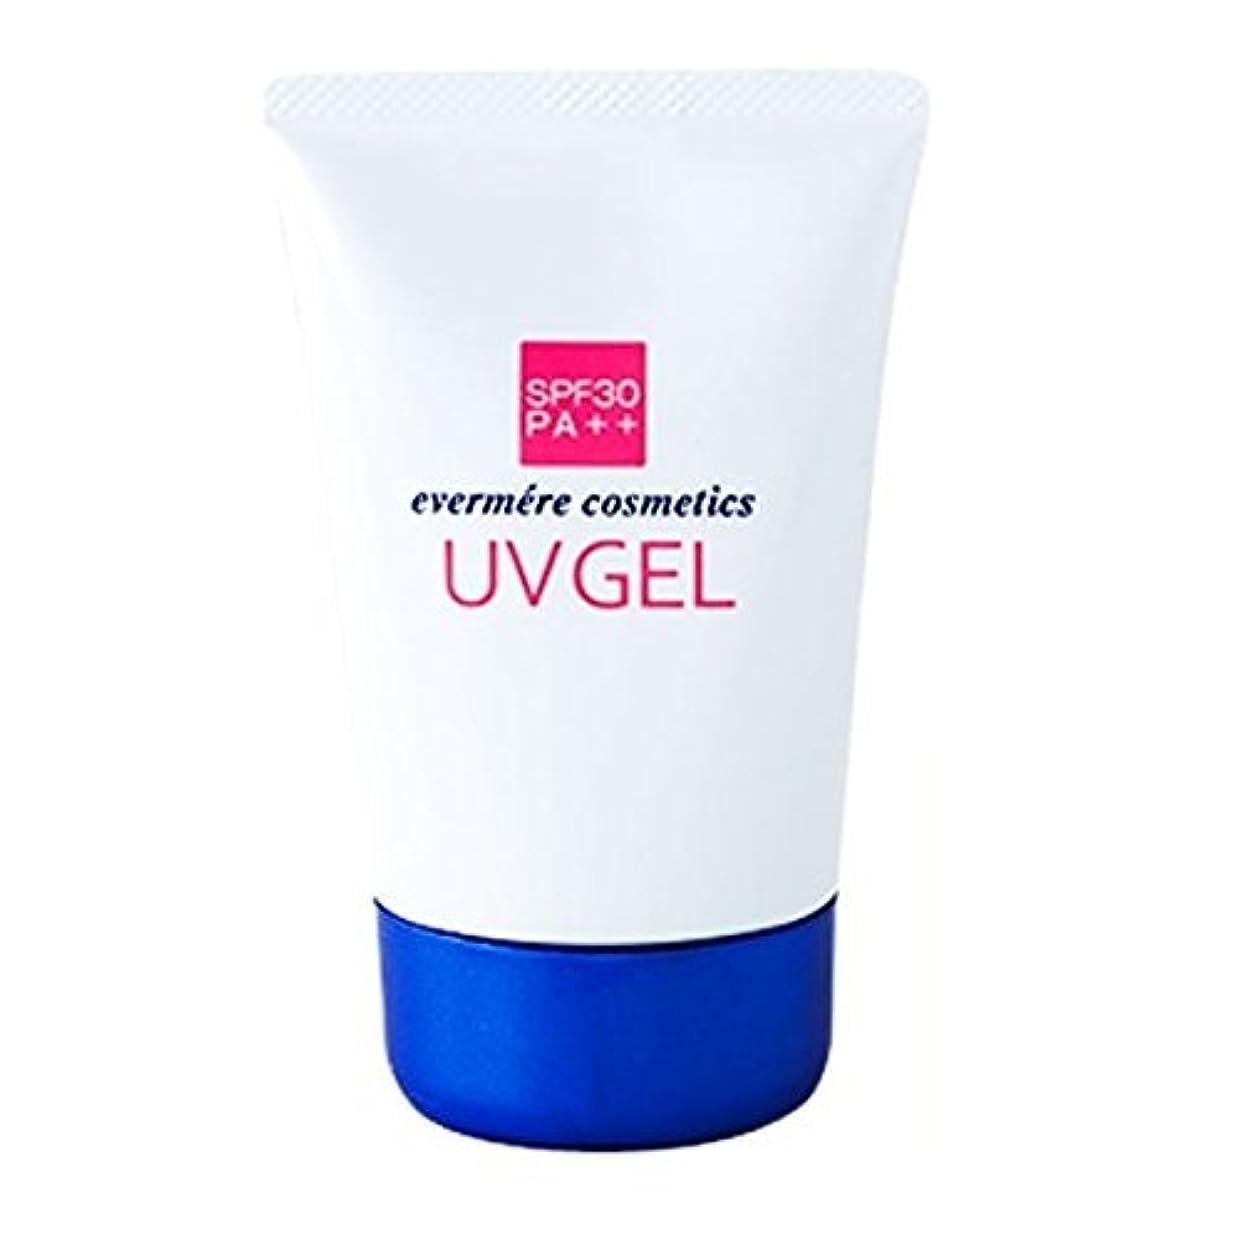 エバメール UVゲル SPF30 PA++ 80g